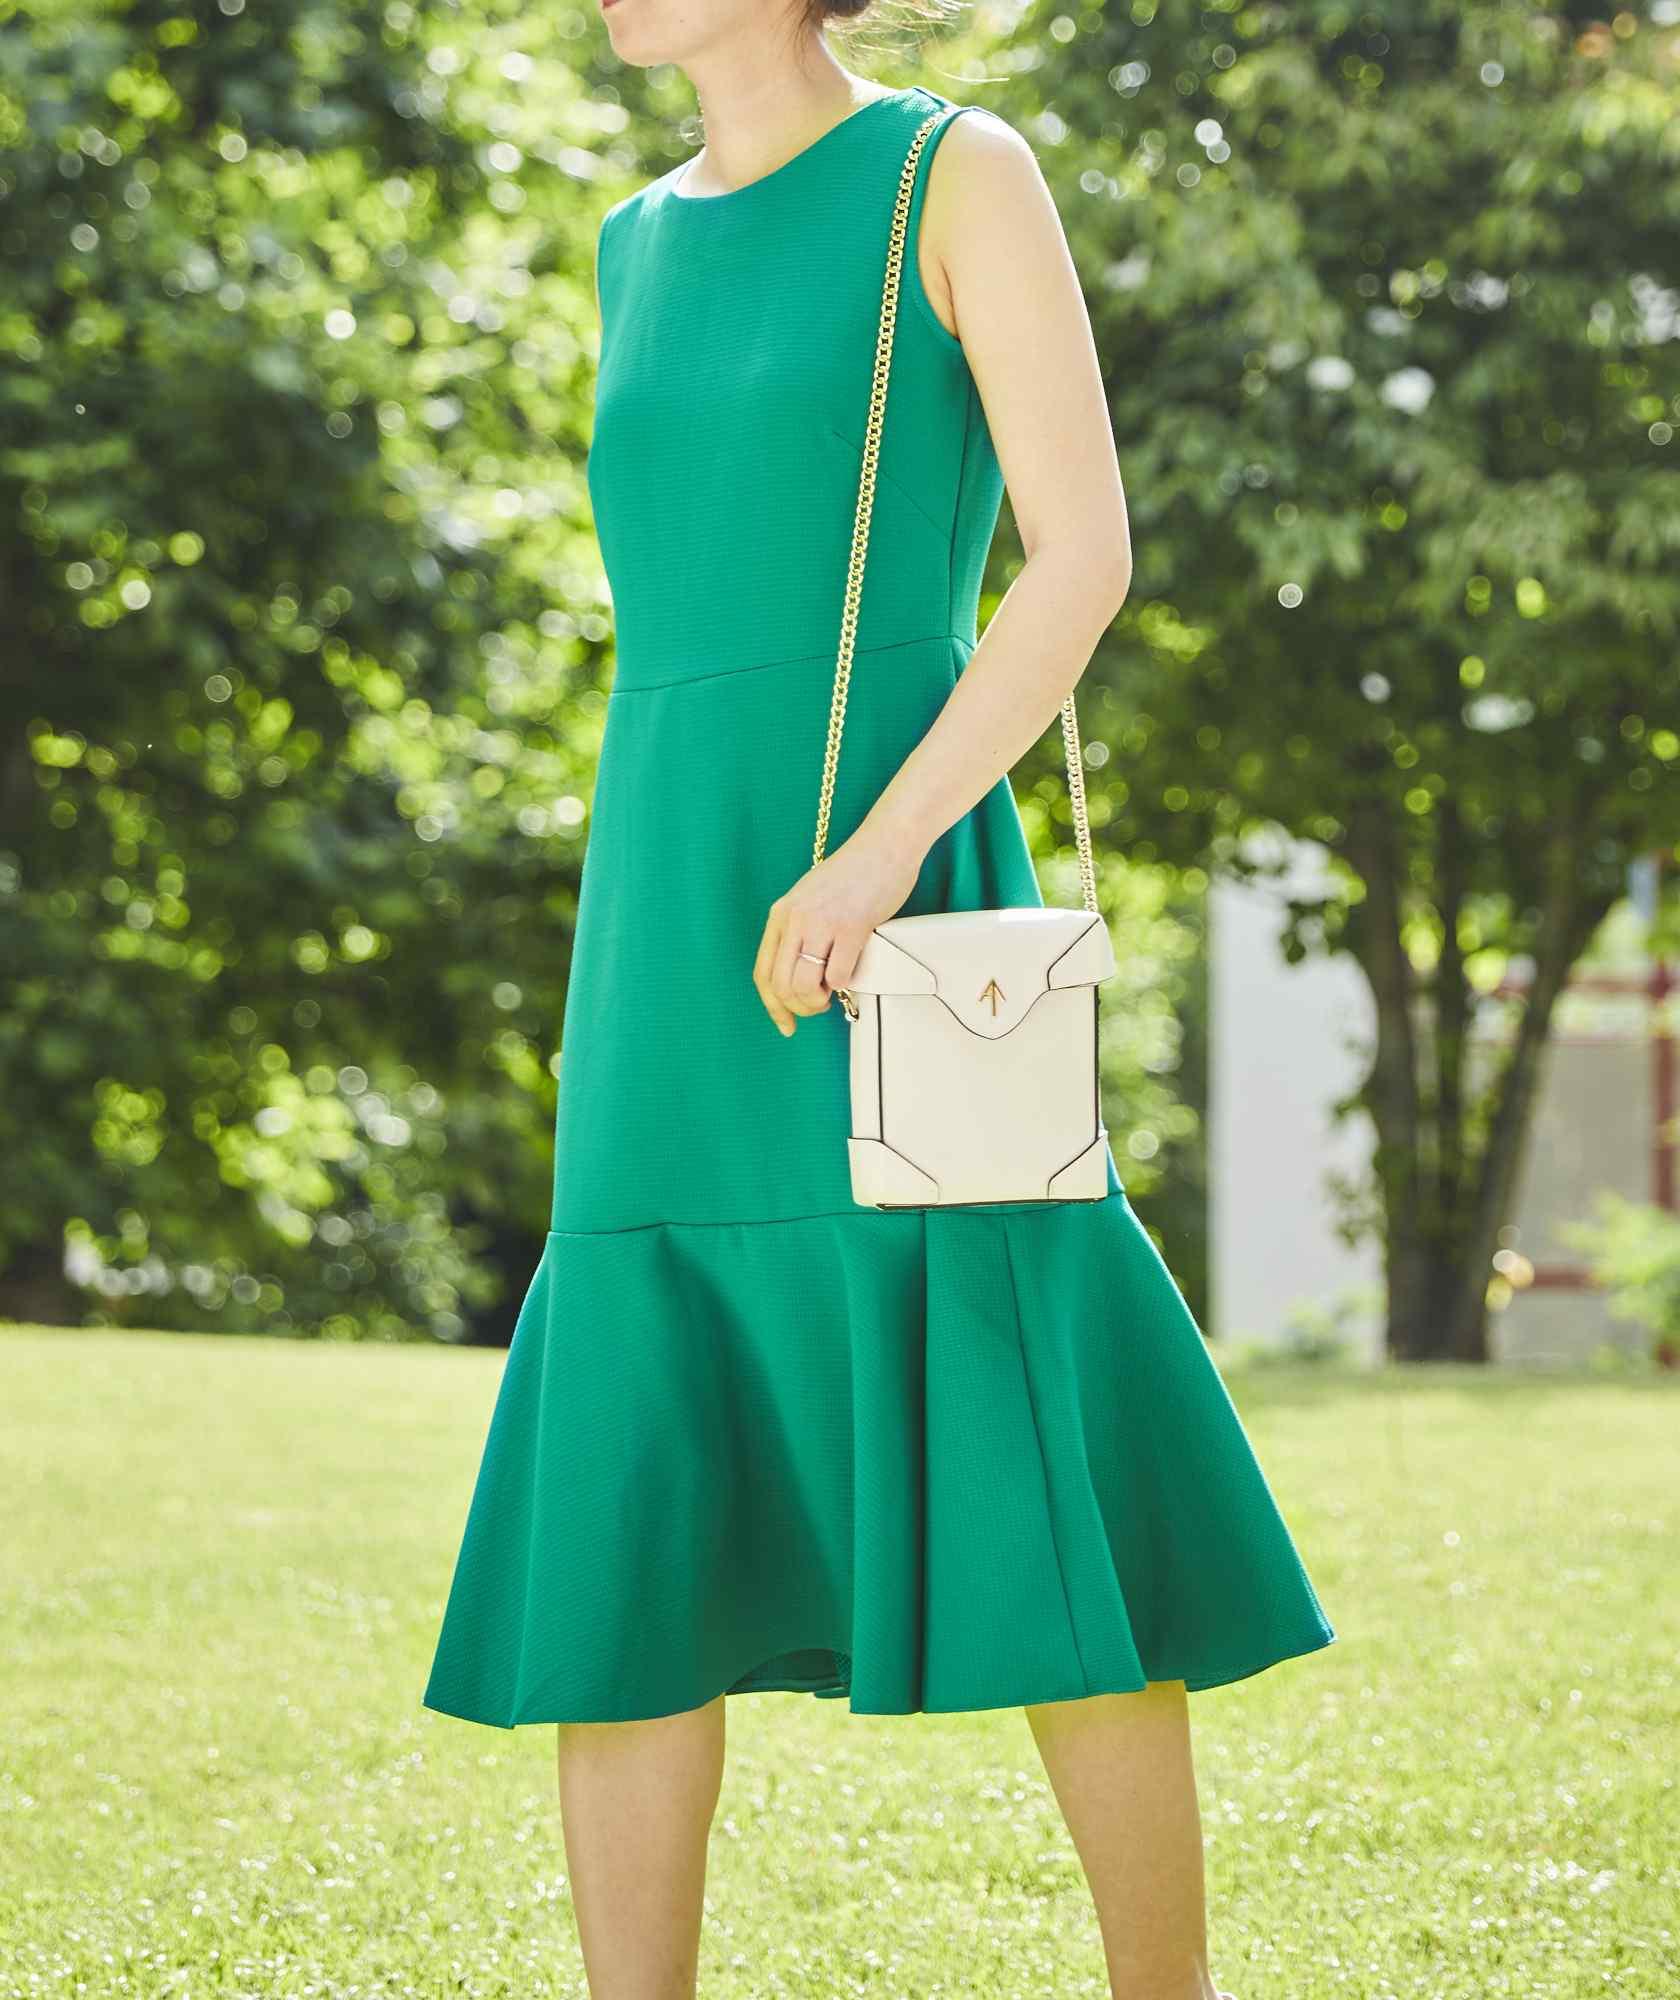 マーメイドラインVバックミディアムドレス-グリーン-M-L